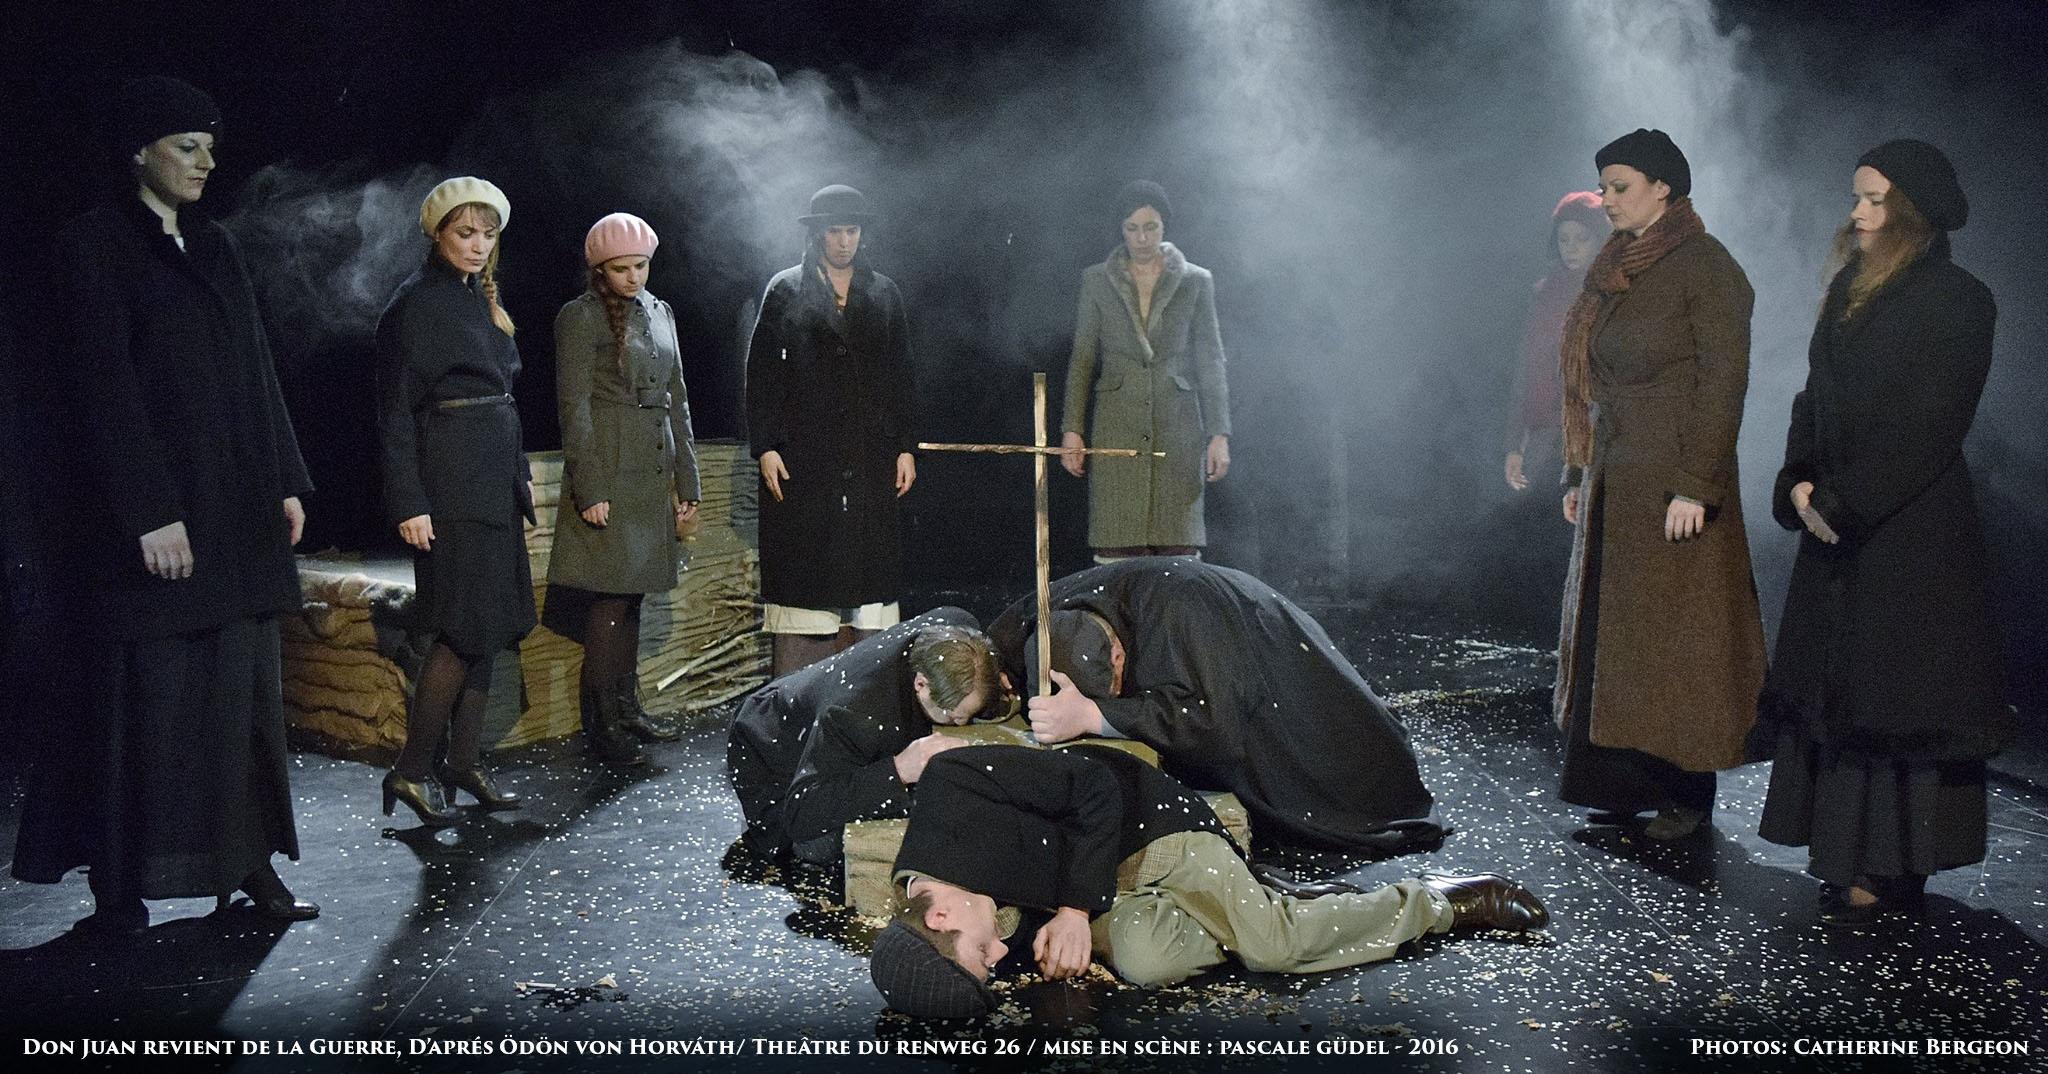 Drei Männer liegen zusammen gekauert auf dem Boden, ein Kreuz in den Händen. Darum hat sich ein Kreis Frauen gebildet die auf die Männer herabblicken. Alle tragen lange Mäntel und Kappen.